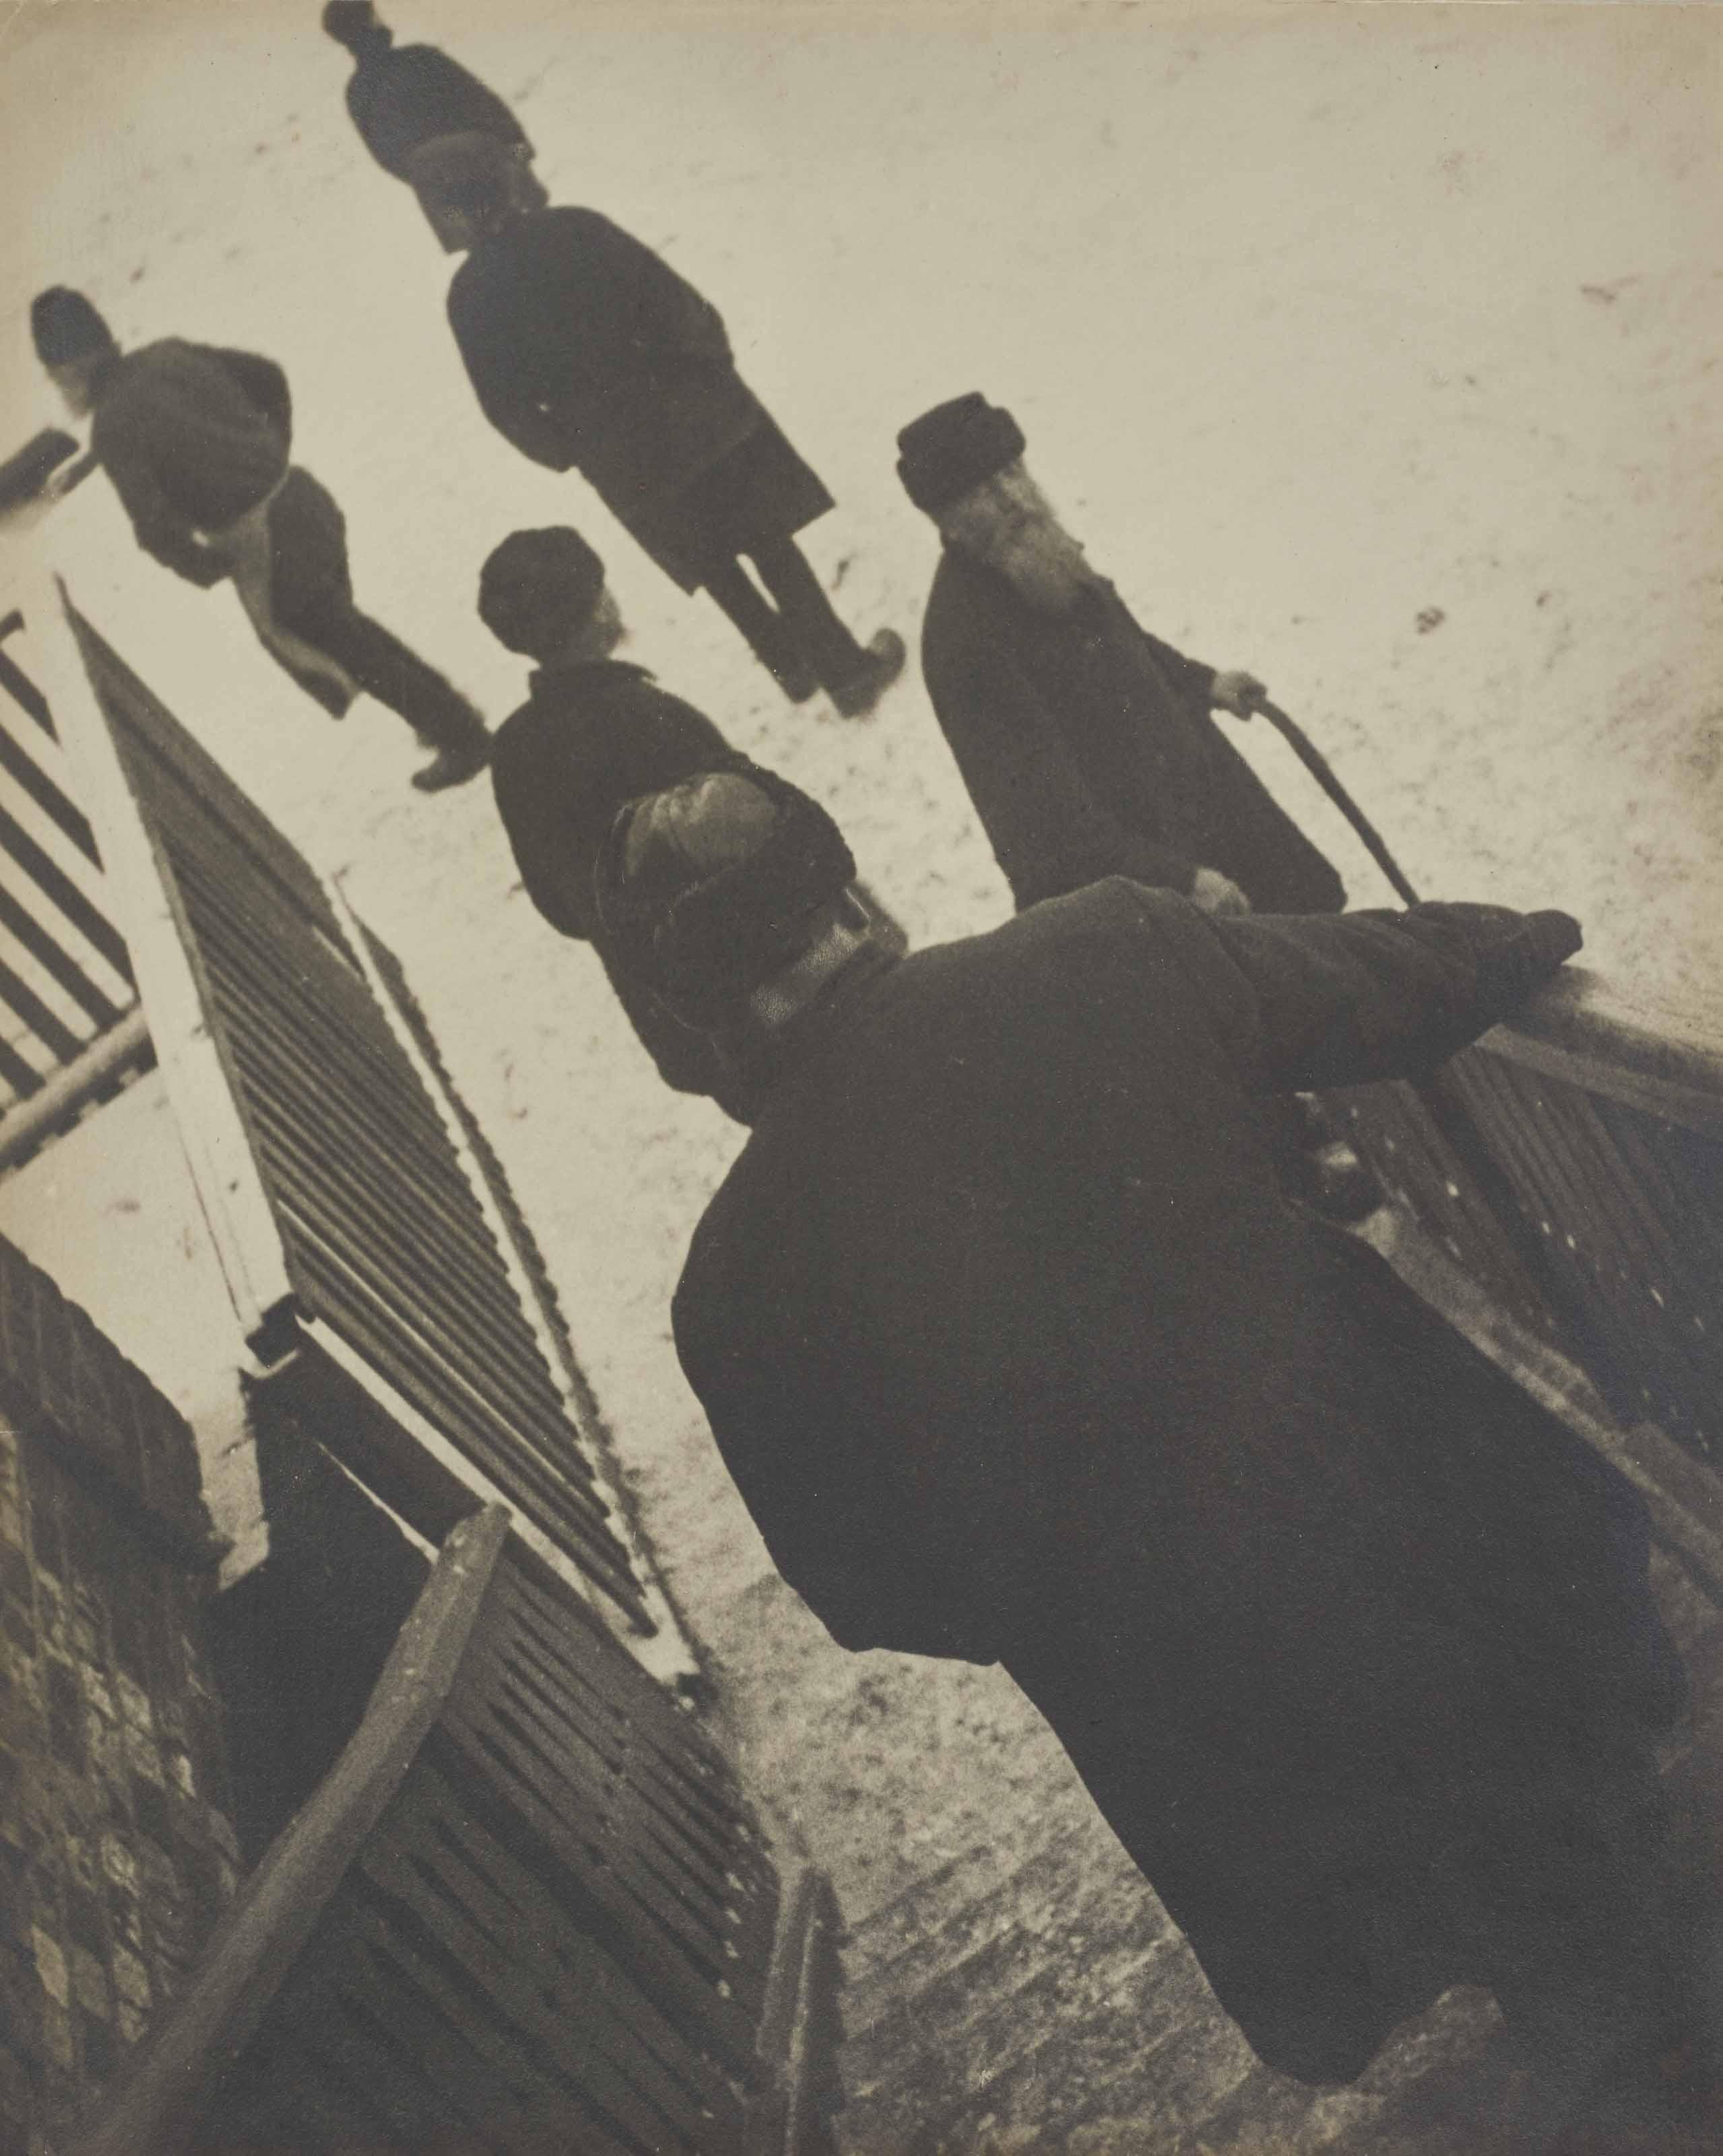 Kulaki (Kulaks), 1928